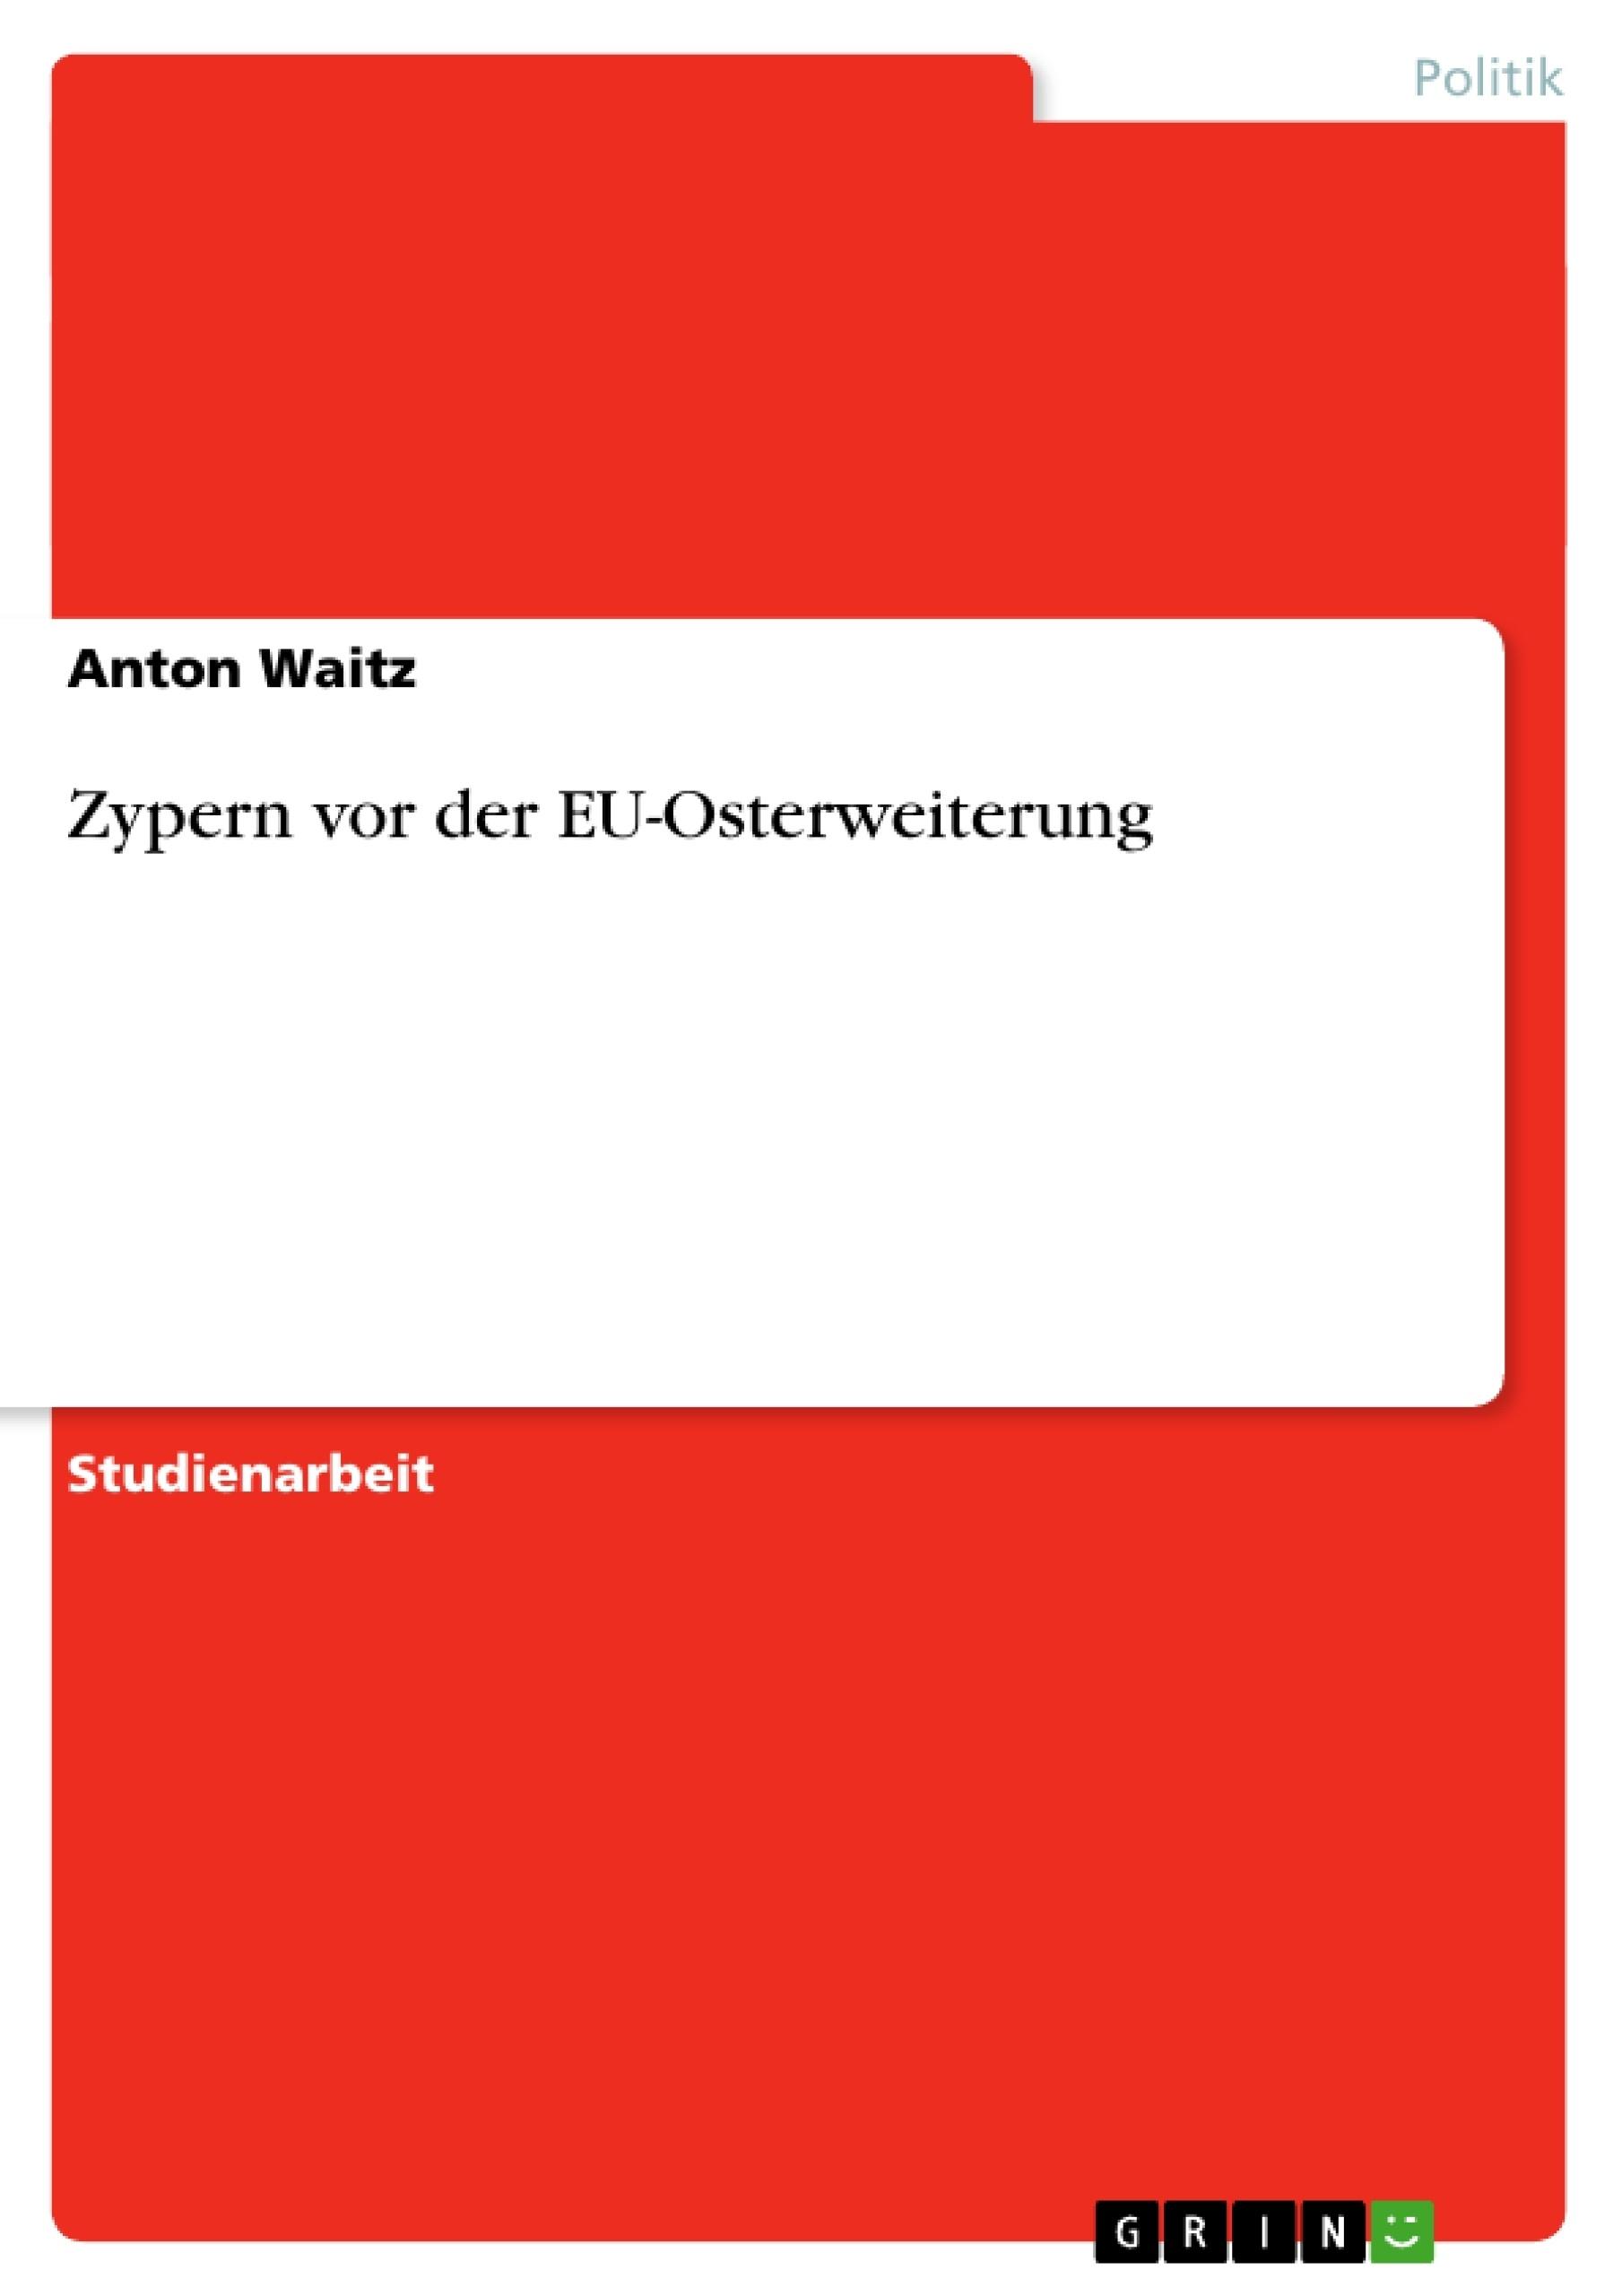 Titel: Zypern vor der EU-Osterweiterung